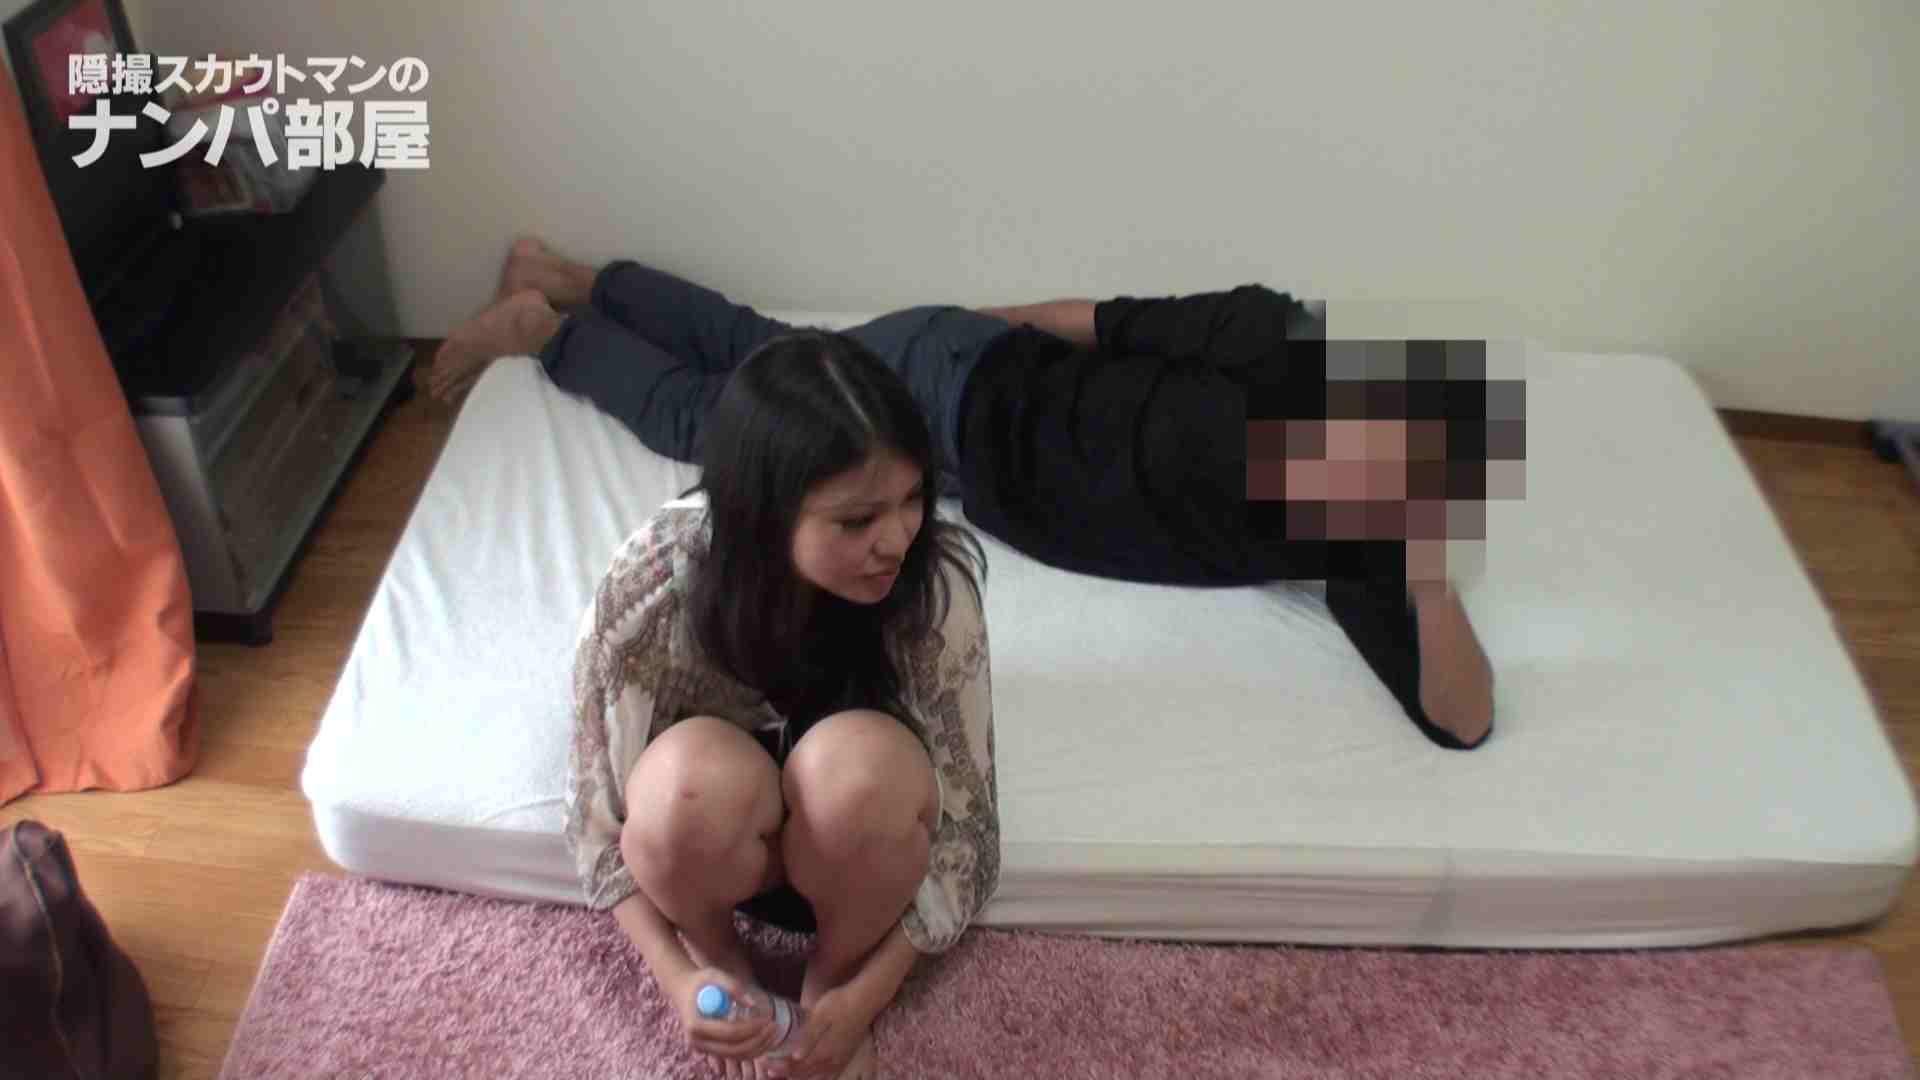 隠撮スカウトマンのナンパ部屋~風俗デビュー前のつまみ食い~hana 隠撮 エロ無料画像 95pic 26